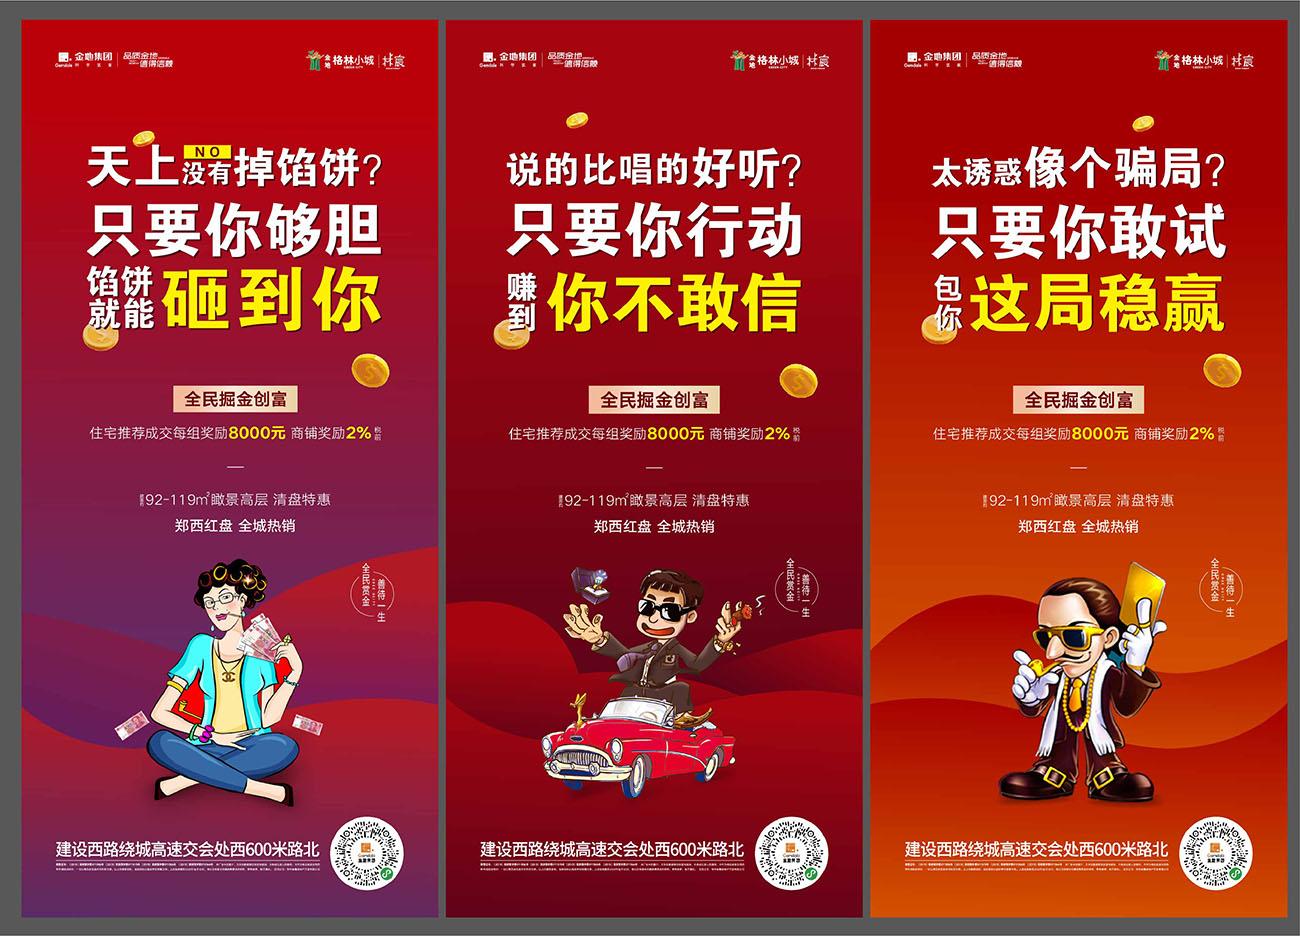 房地产全民经纪人卡通插画系列海报AI源文件插图